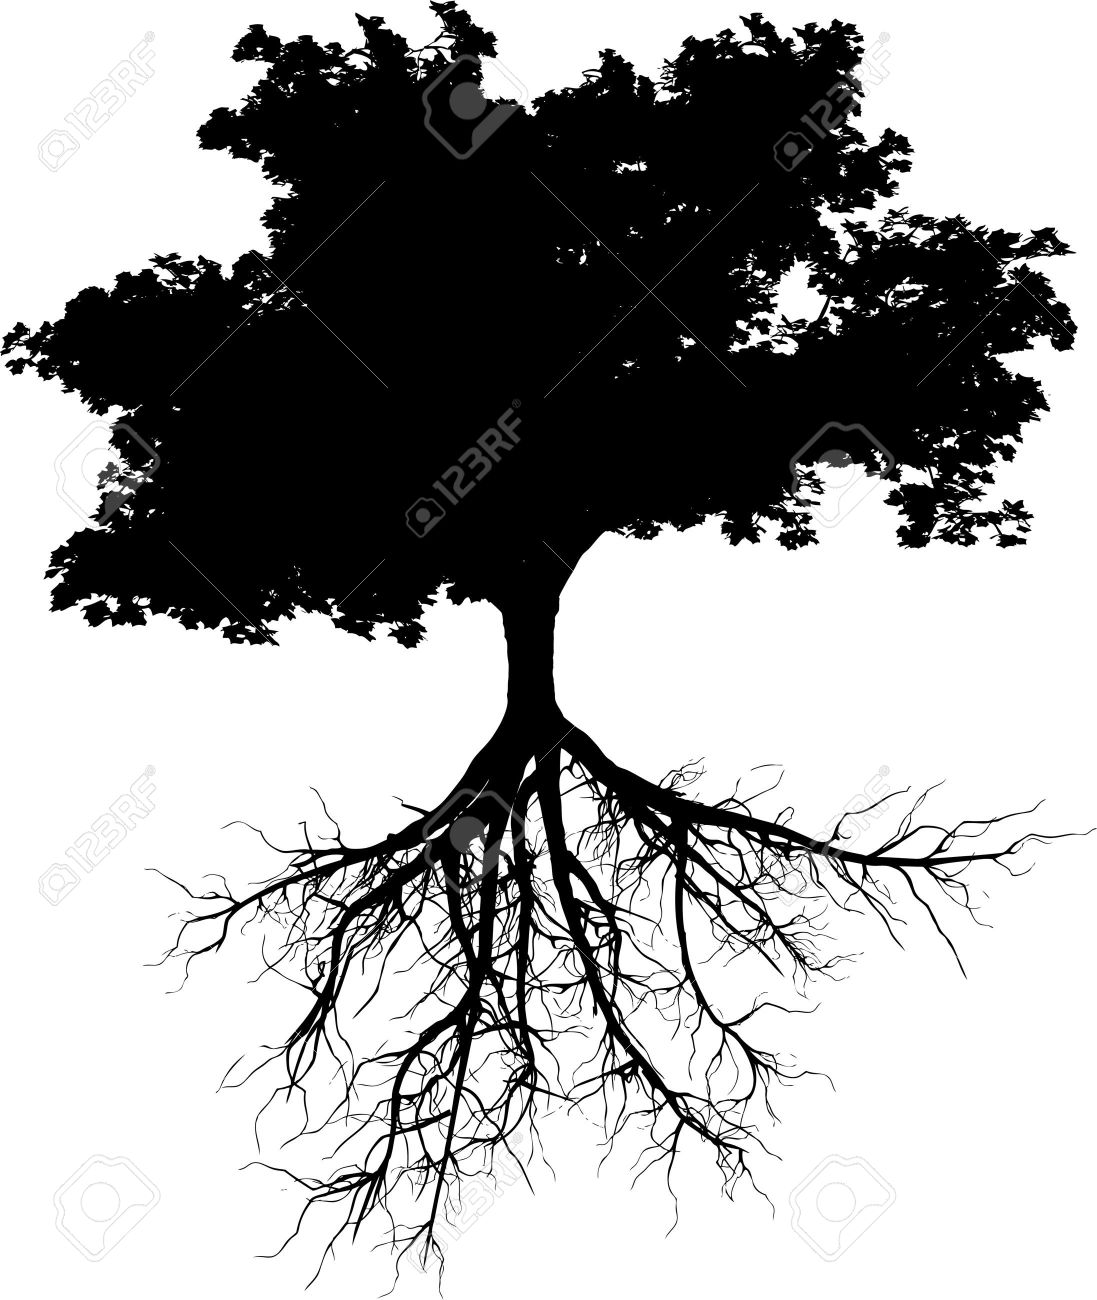 siluetas de árbol con sus raíces ilustraciones vectoriales clip art